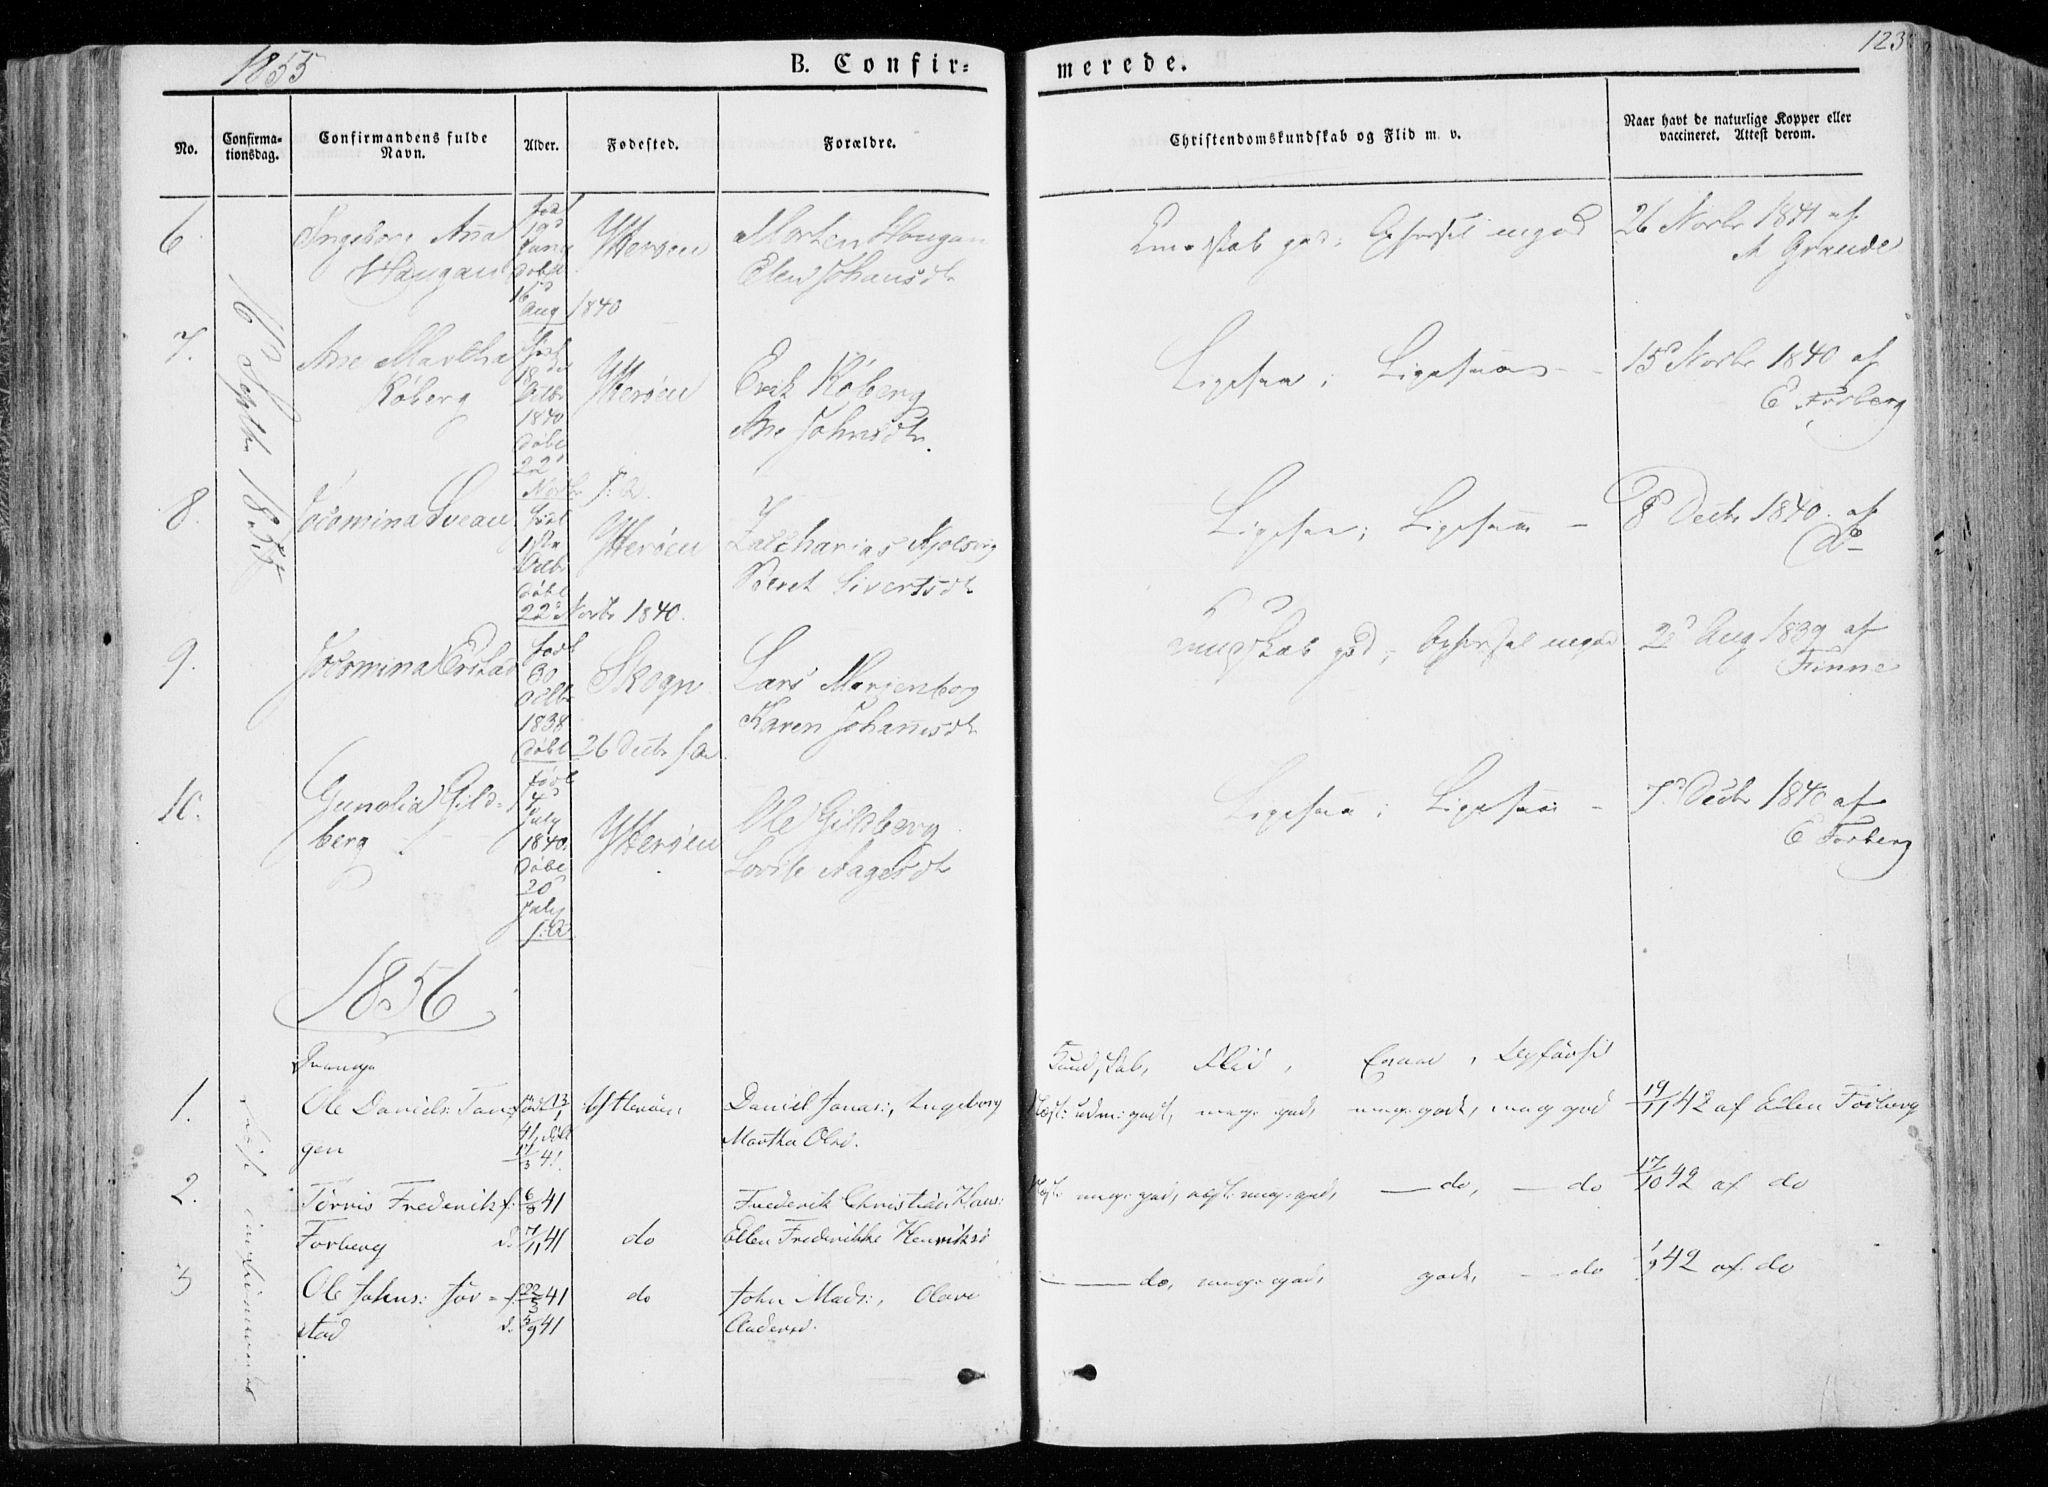 SAT, Ministerialprotokoller, klokkerbøker og fødselsregistre - Nord-Trøndelag, 722/L0218: Ministerialbok nr. 722A05, 1843-1868, s. 123